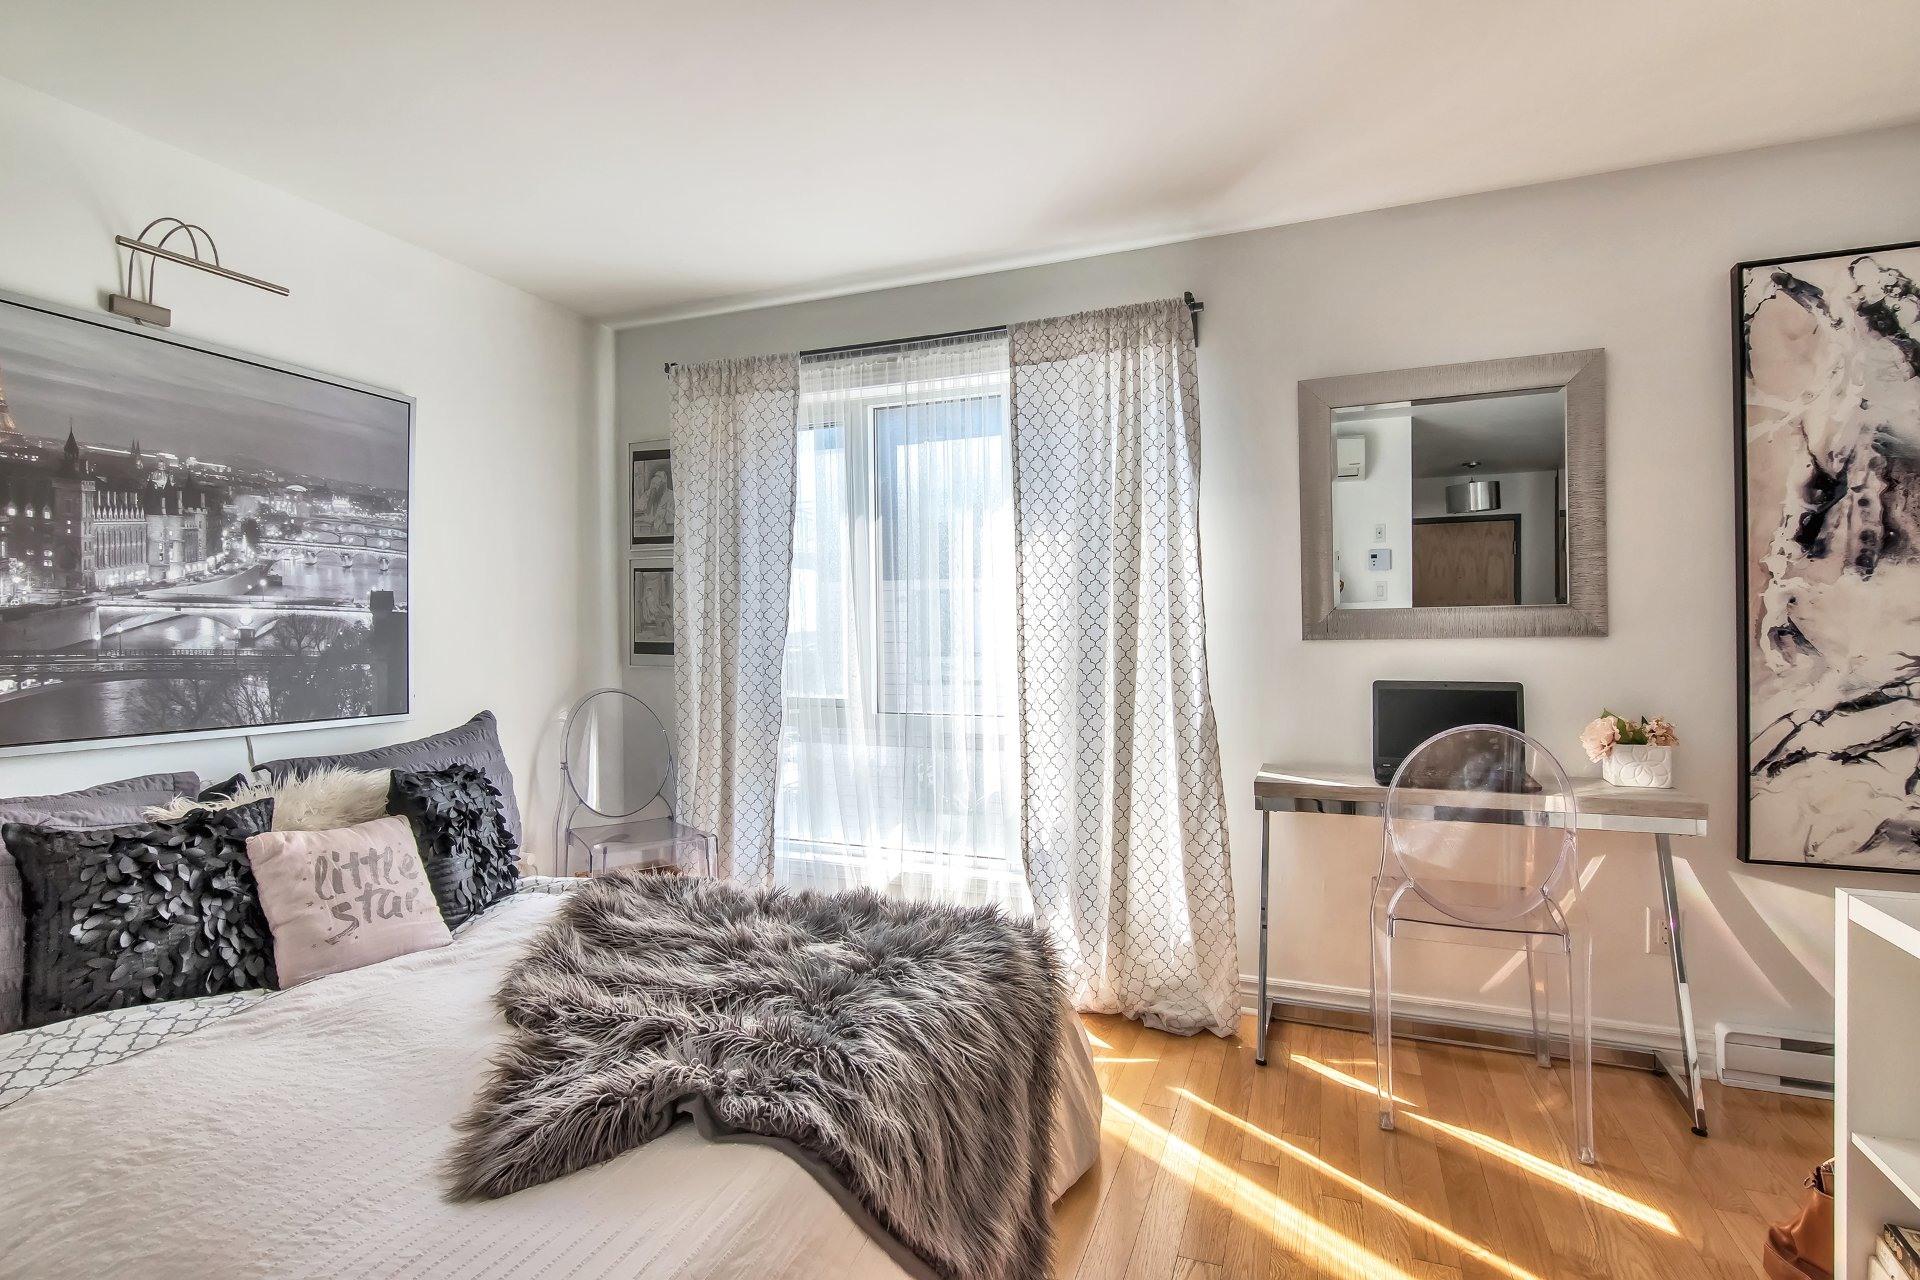 image 5 - Apartment For sale Laval-des-Rapides Laval  - 4 rooms